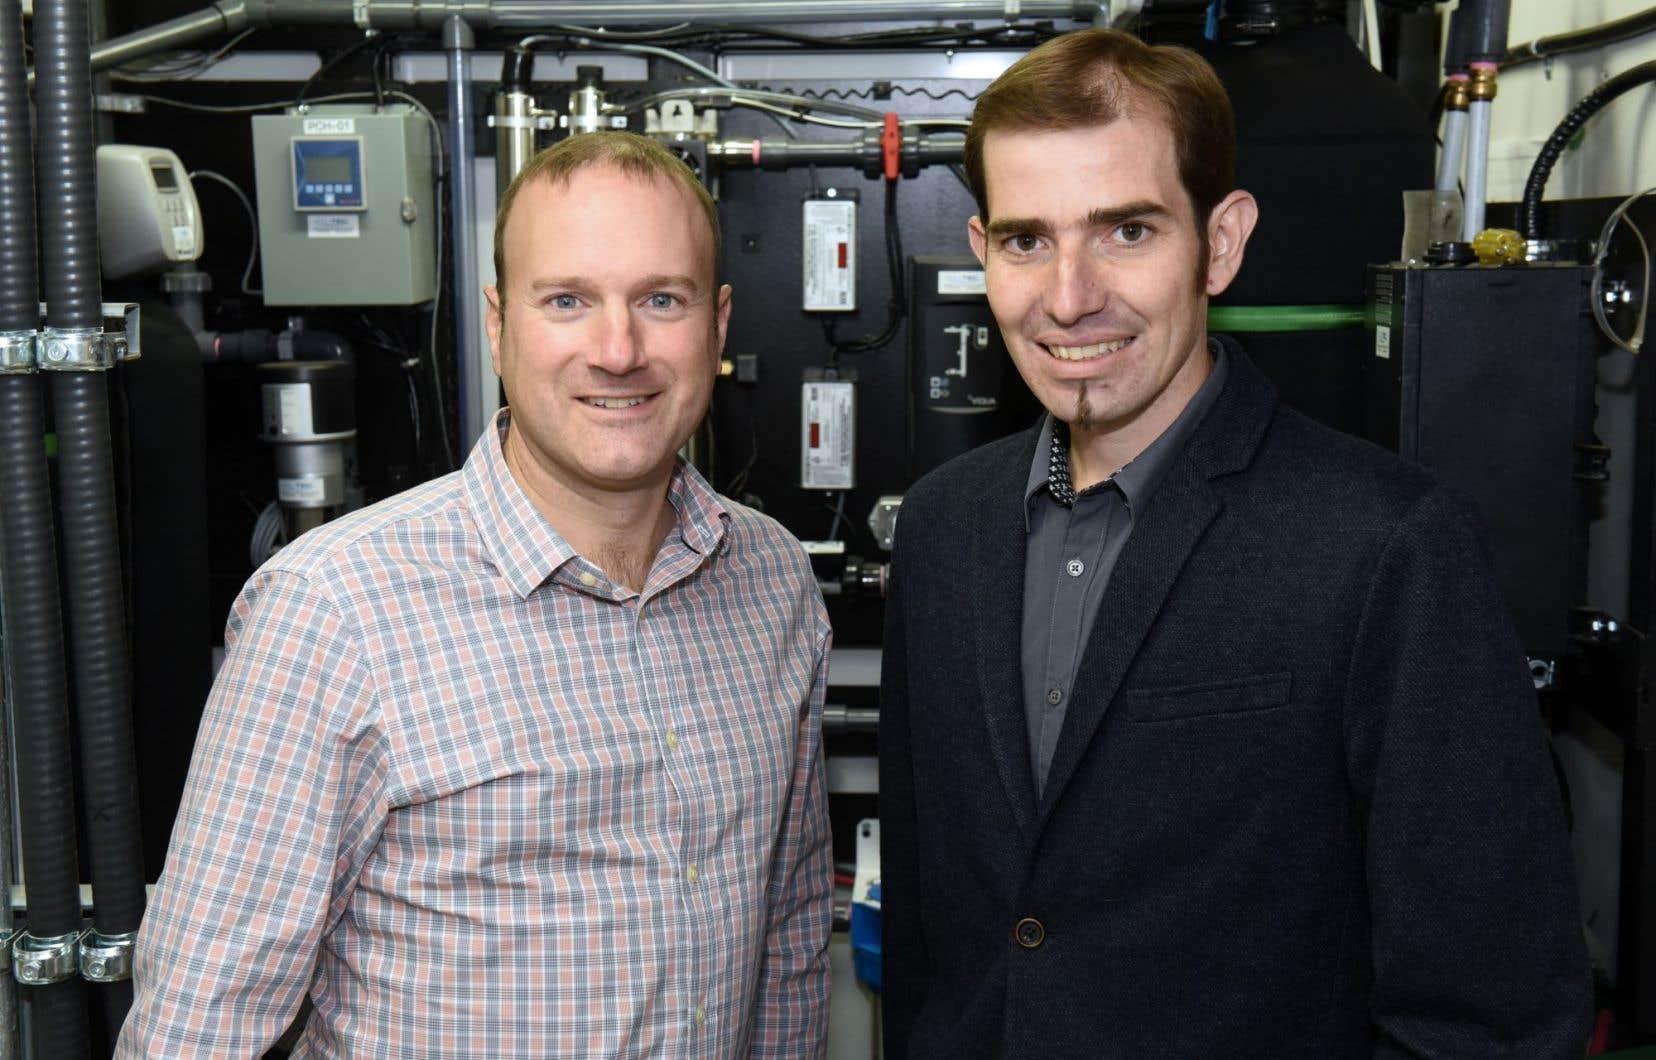 Les professeurs-chercheurs Philippe Pasquier et Benoît Courcelles, de l'école Polytechnique Montréal